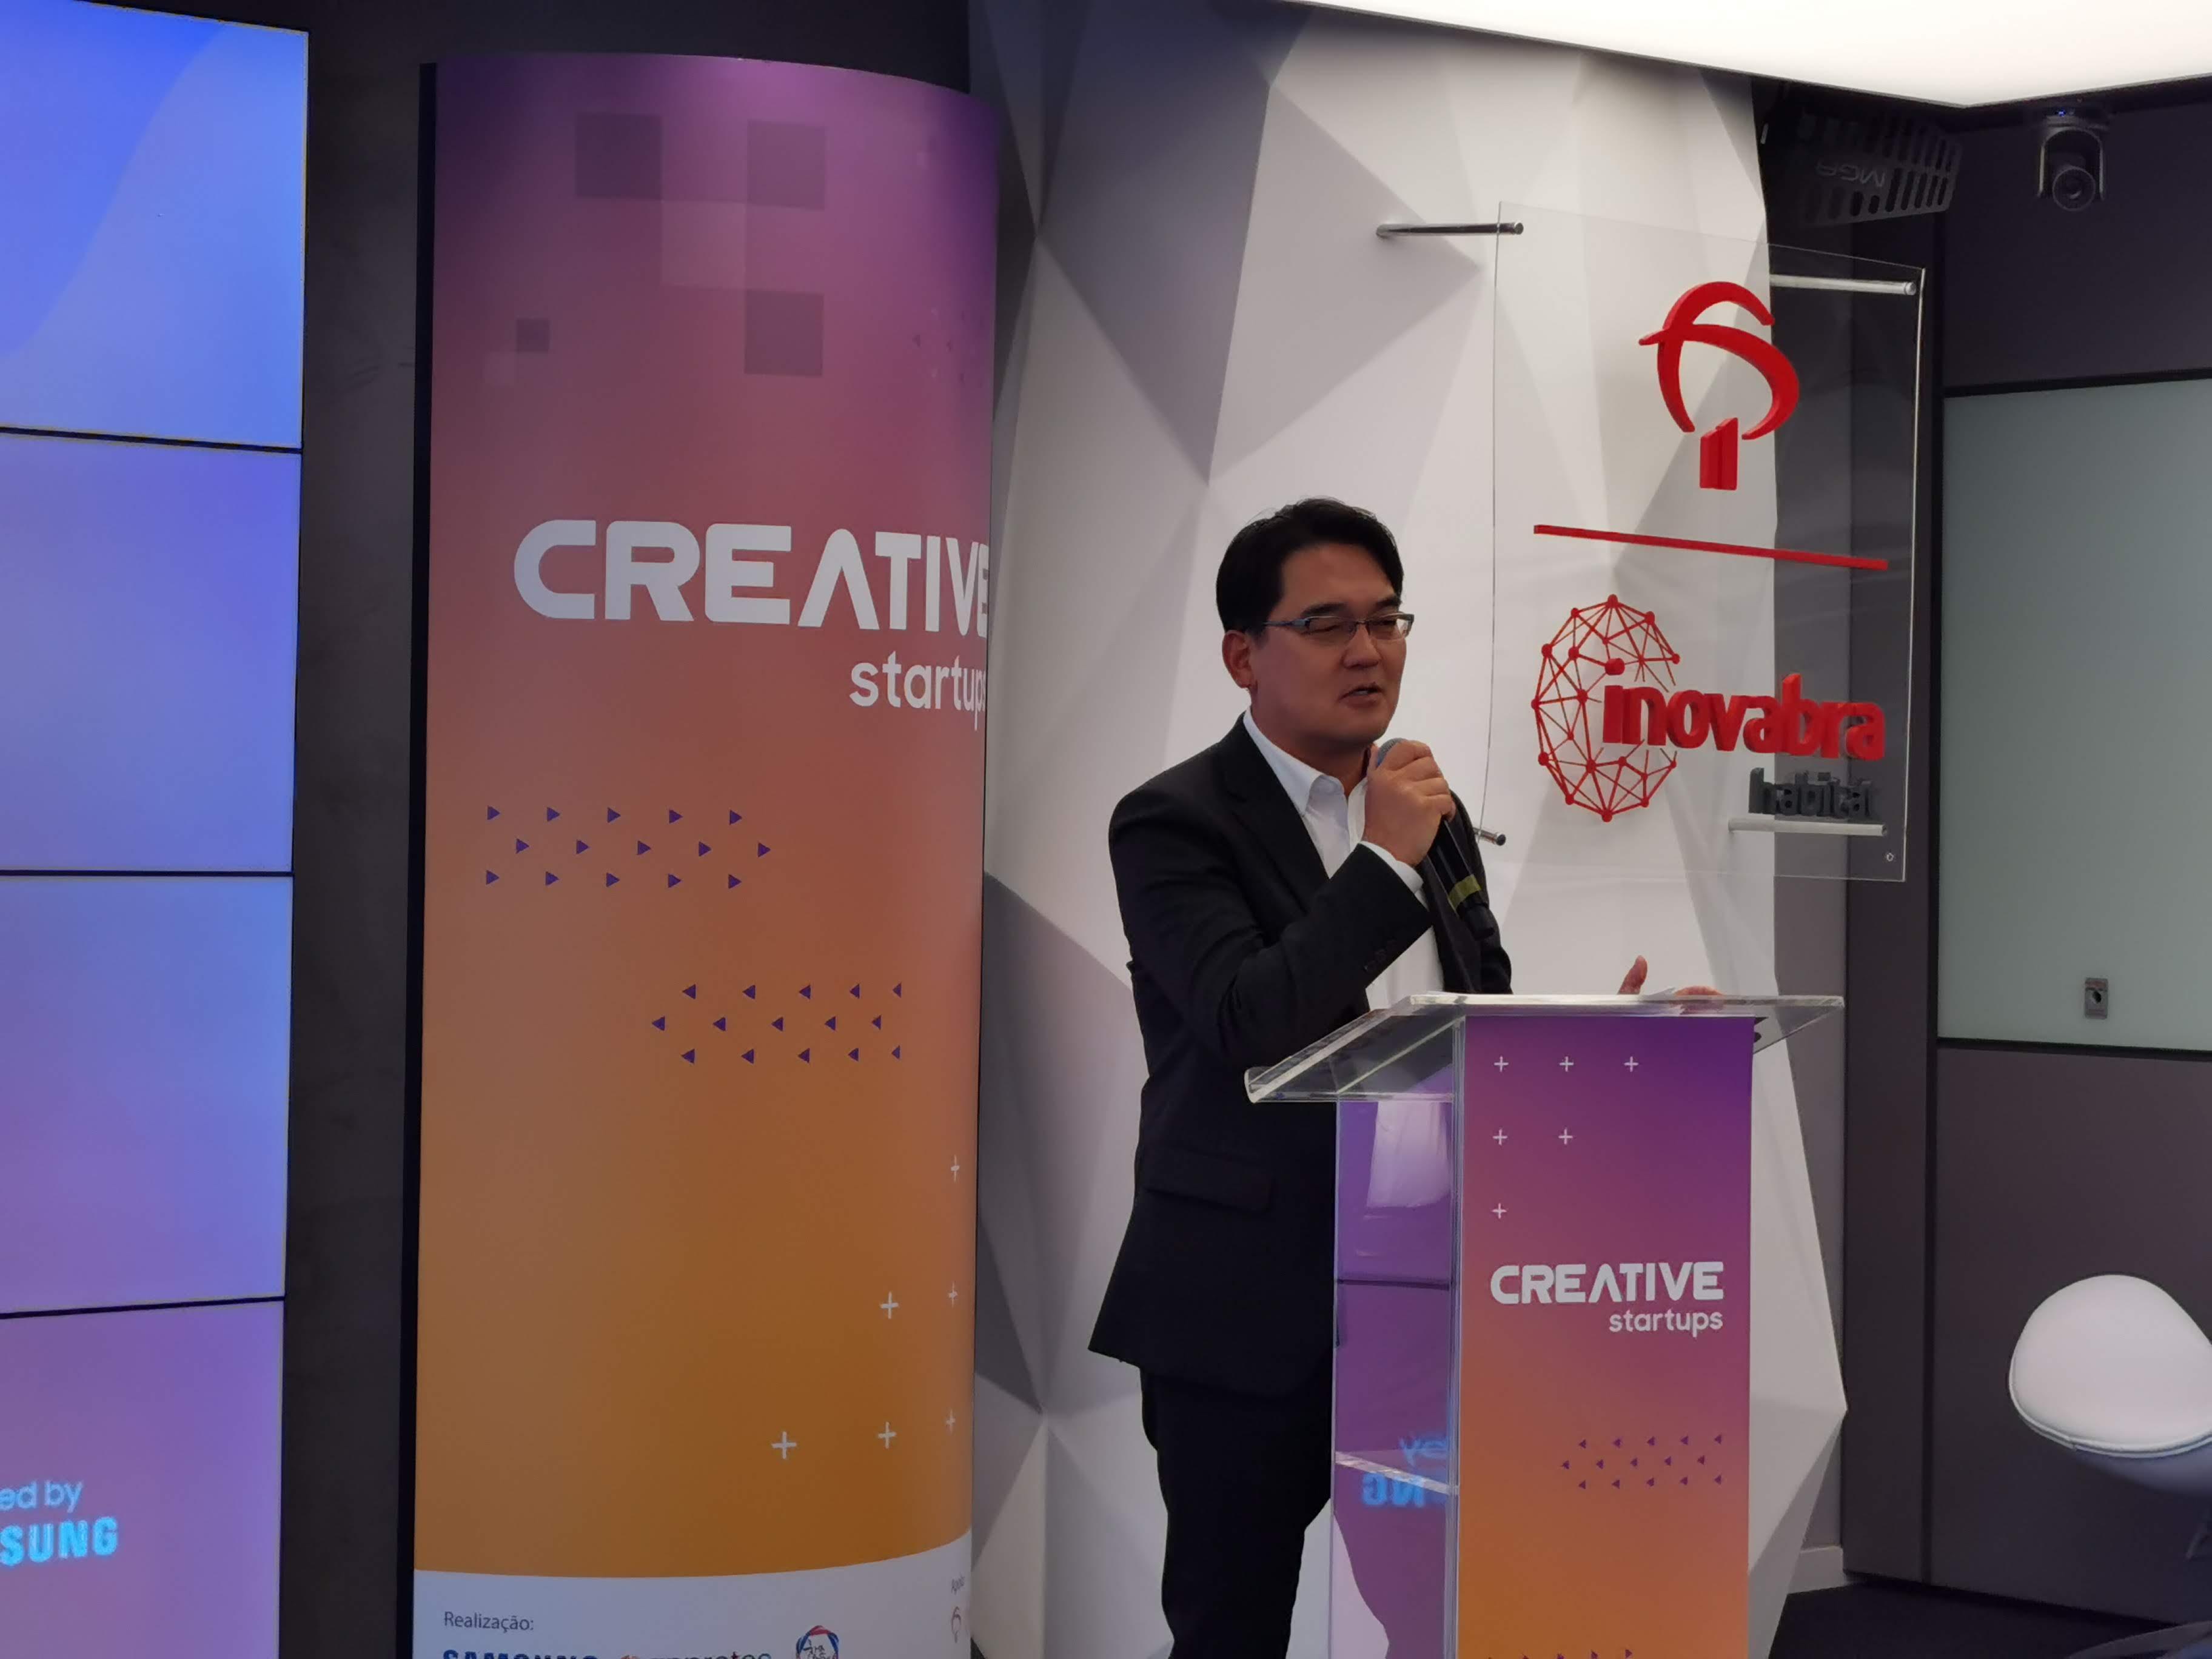 Samsung Creative Startups | 12 startups foram selecionadas e as soluções apresentadas vão surpreender a medicina, a educação e o agronegócio